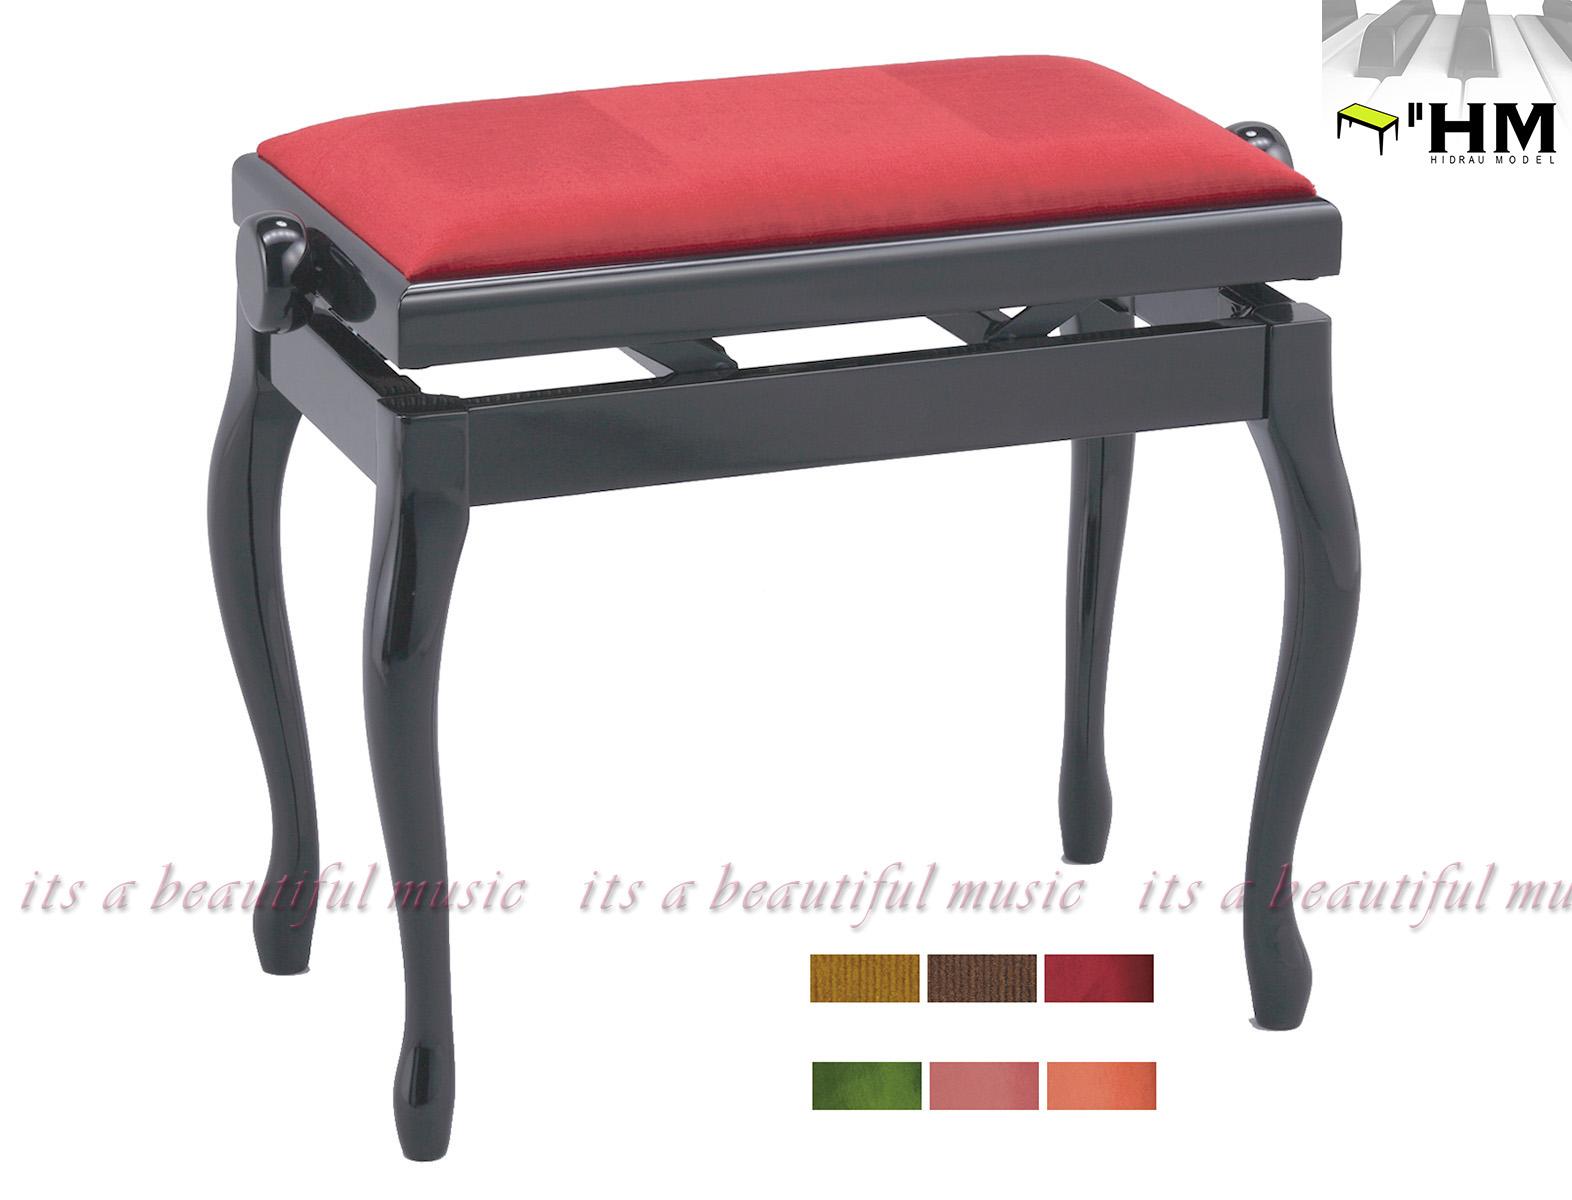 【its】スペイン/HIDRAU社 高級輸入ピアノ椅子 BG-2(黒塗り)※座面が6色から選べます!